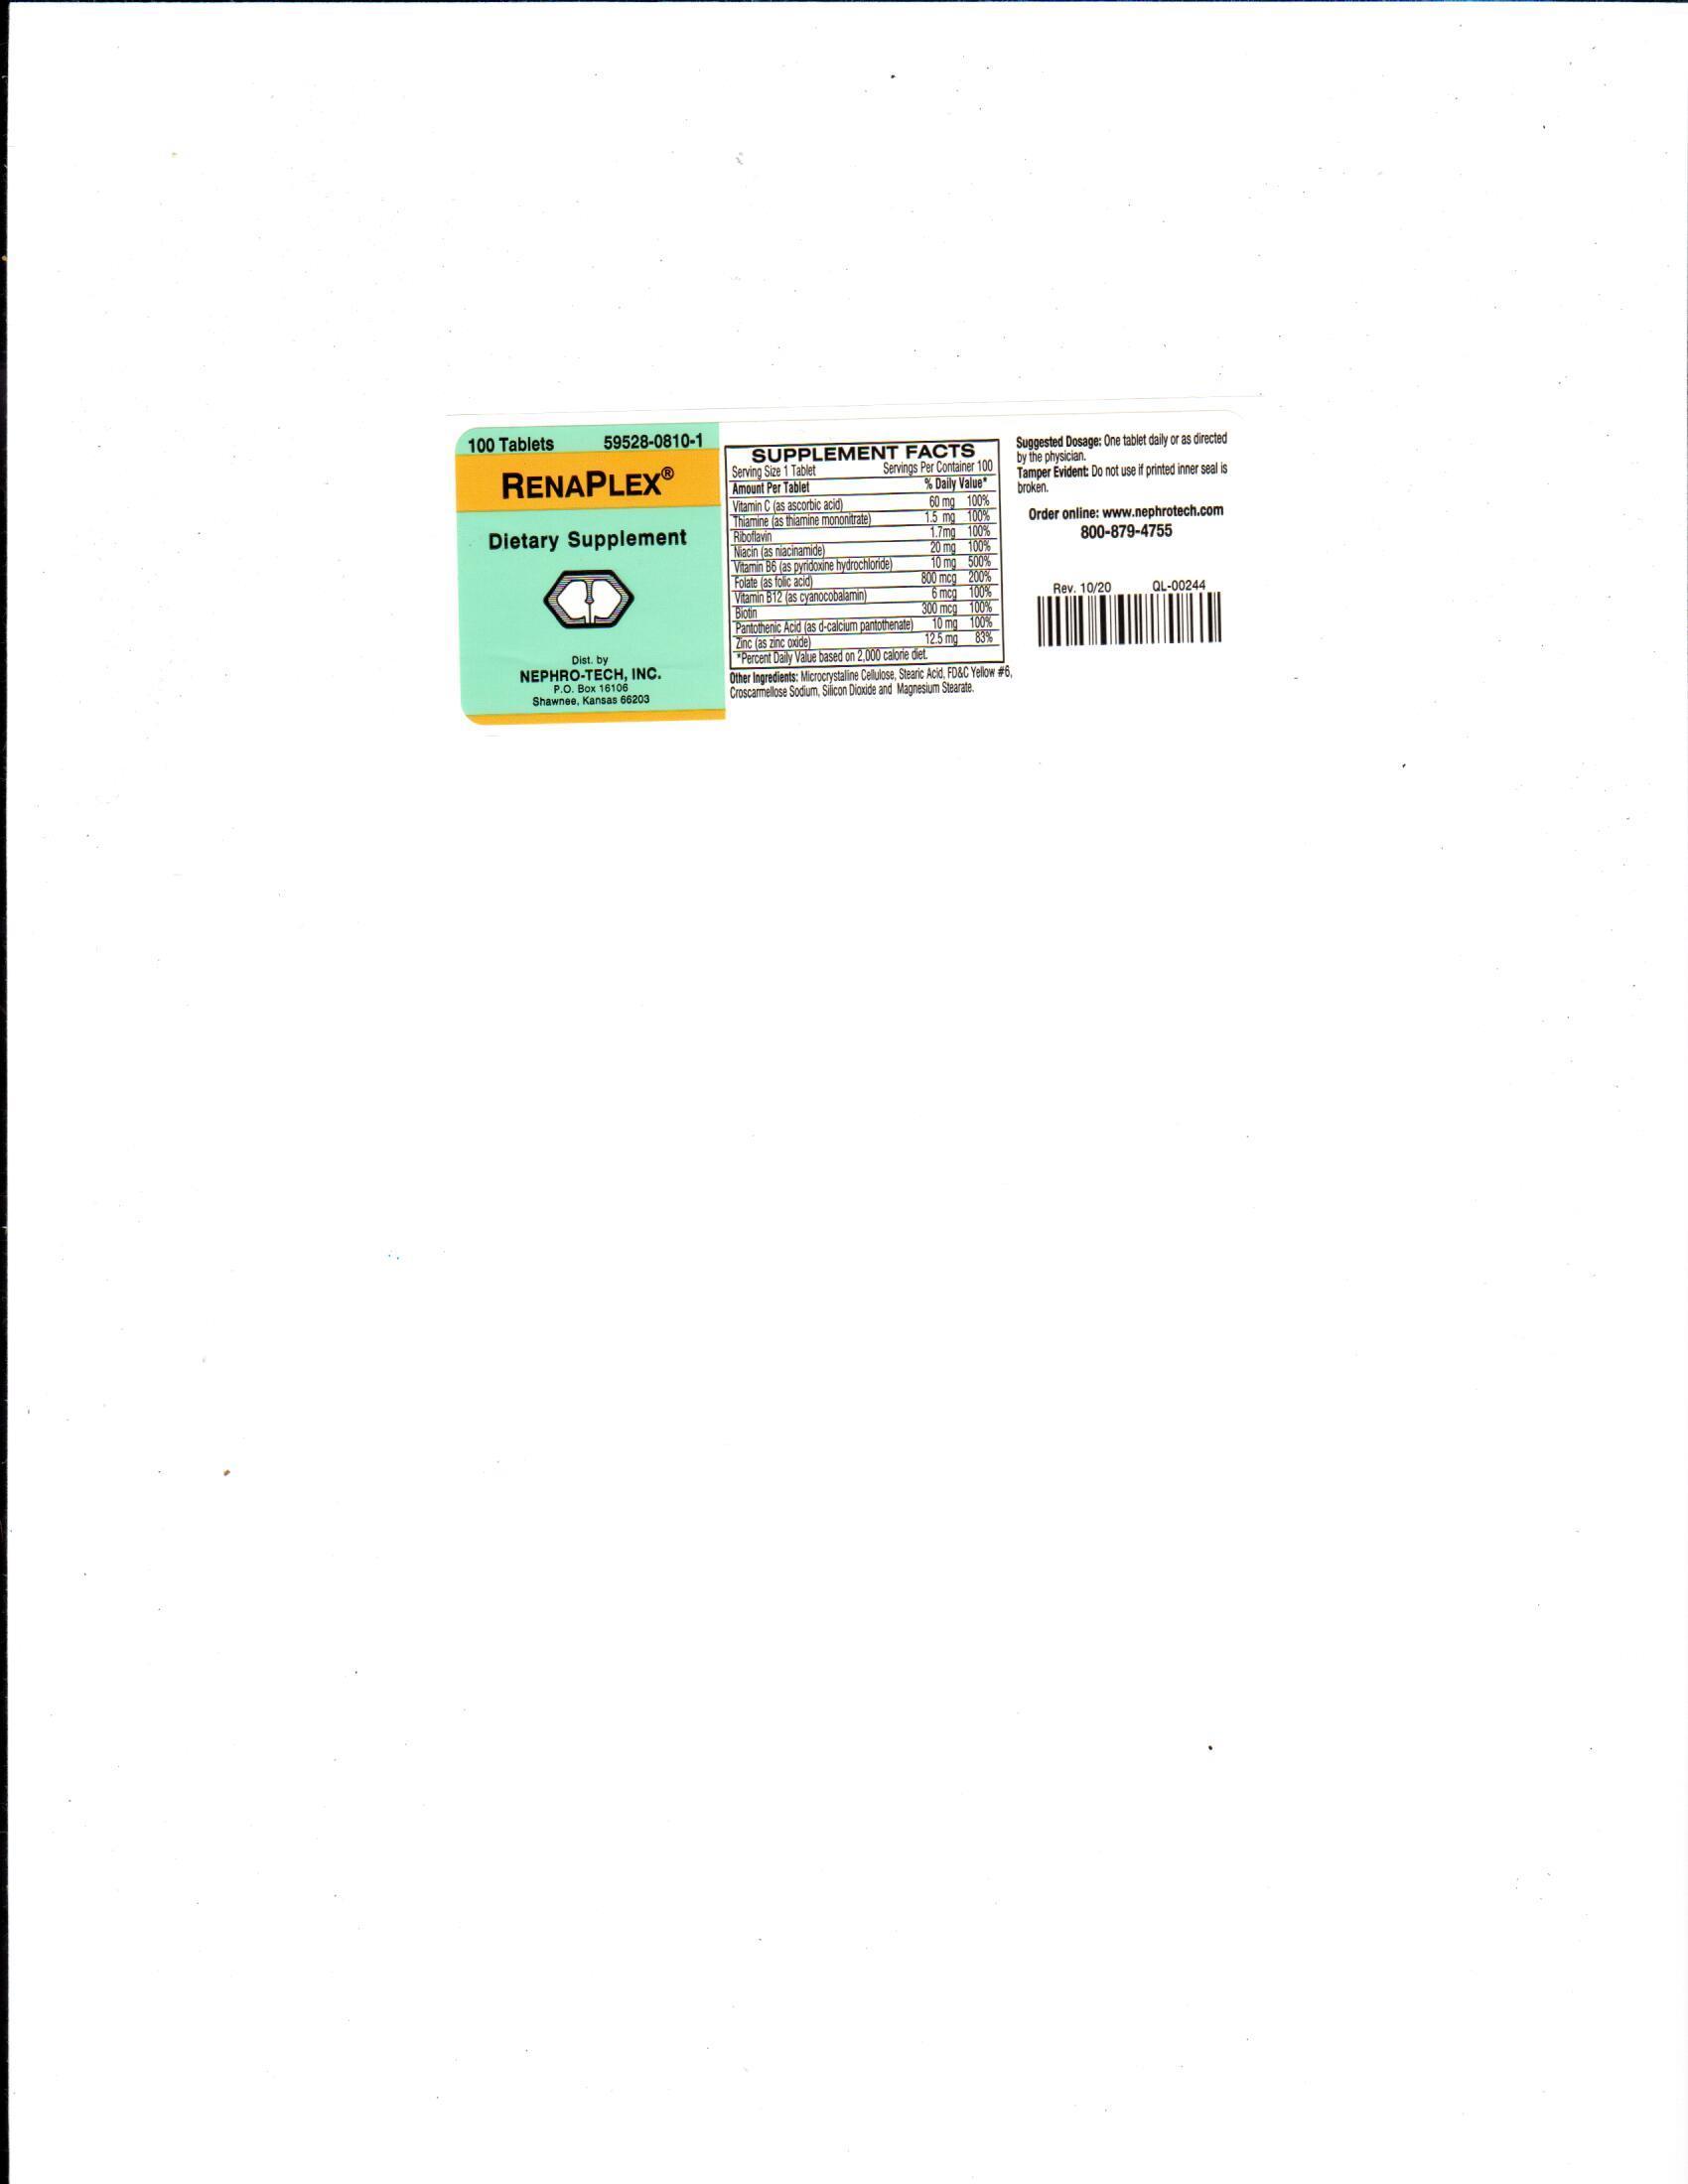 RenaPlex label